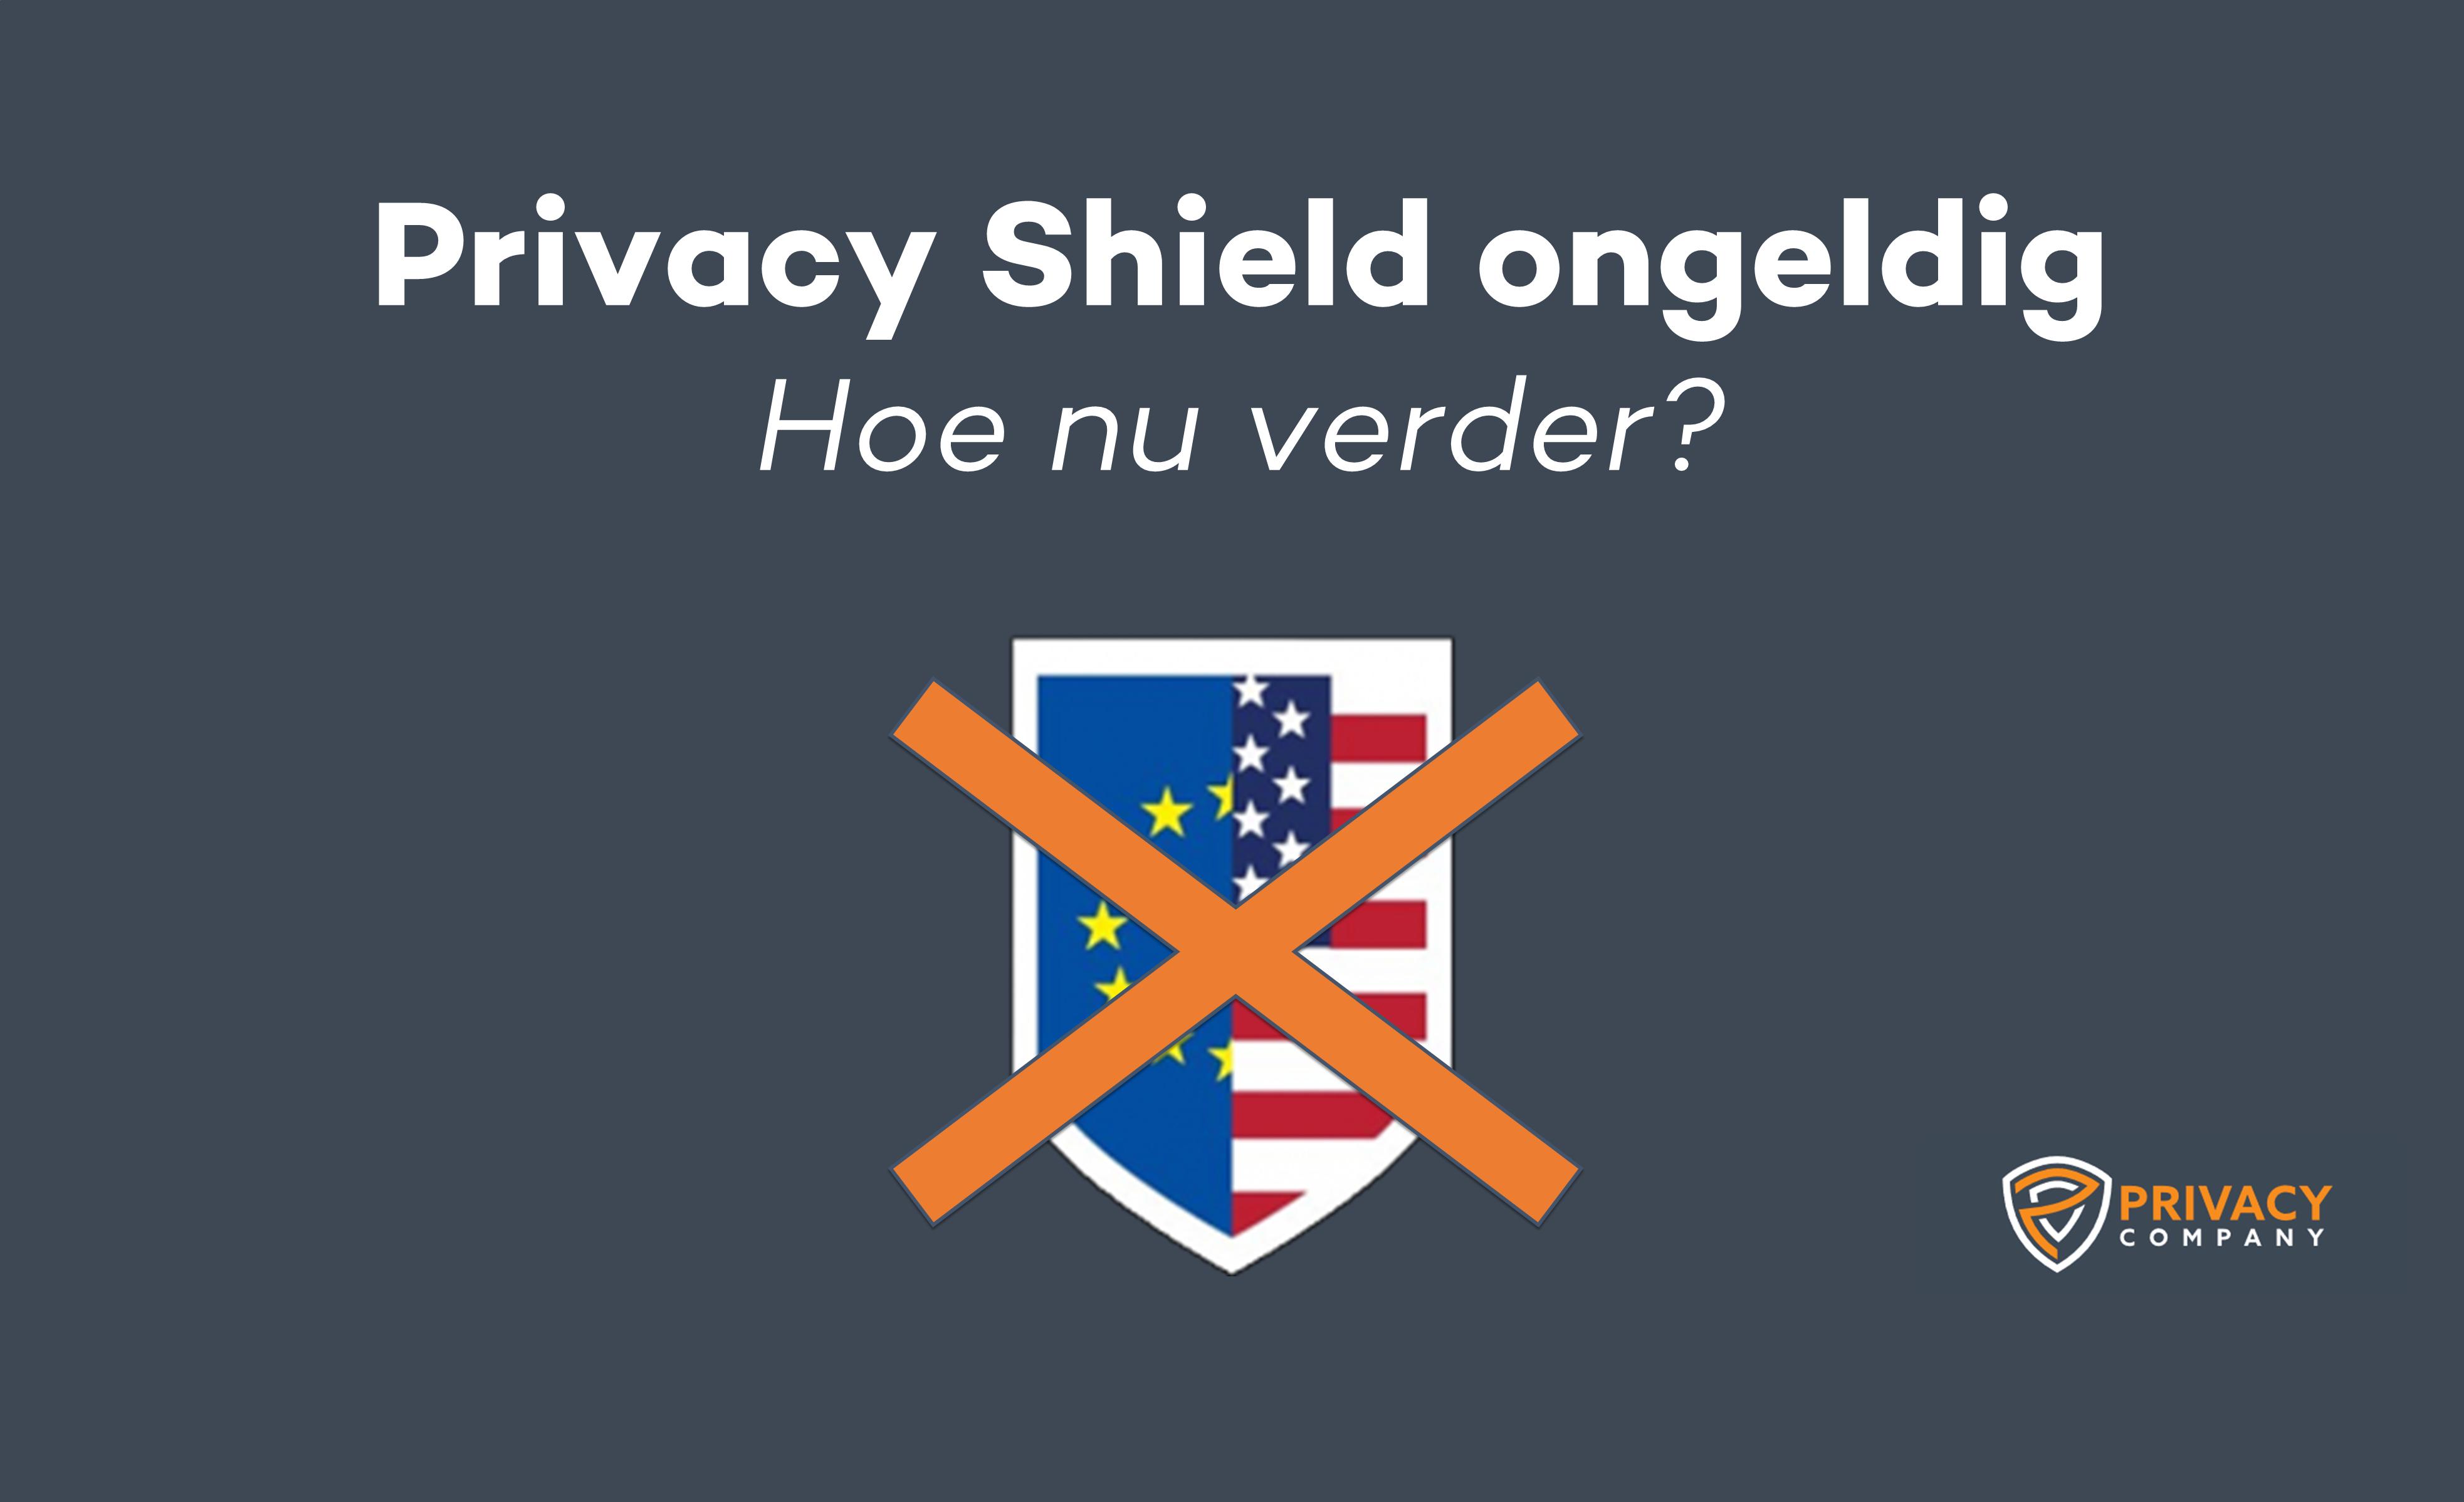 Privacy Shield ongeldig verklaard door het Europese Hof van Justitie